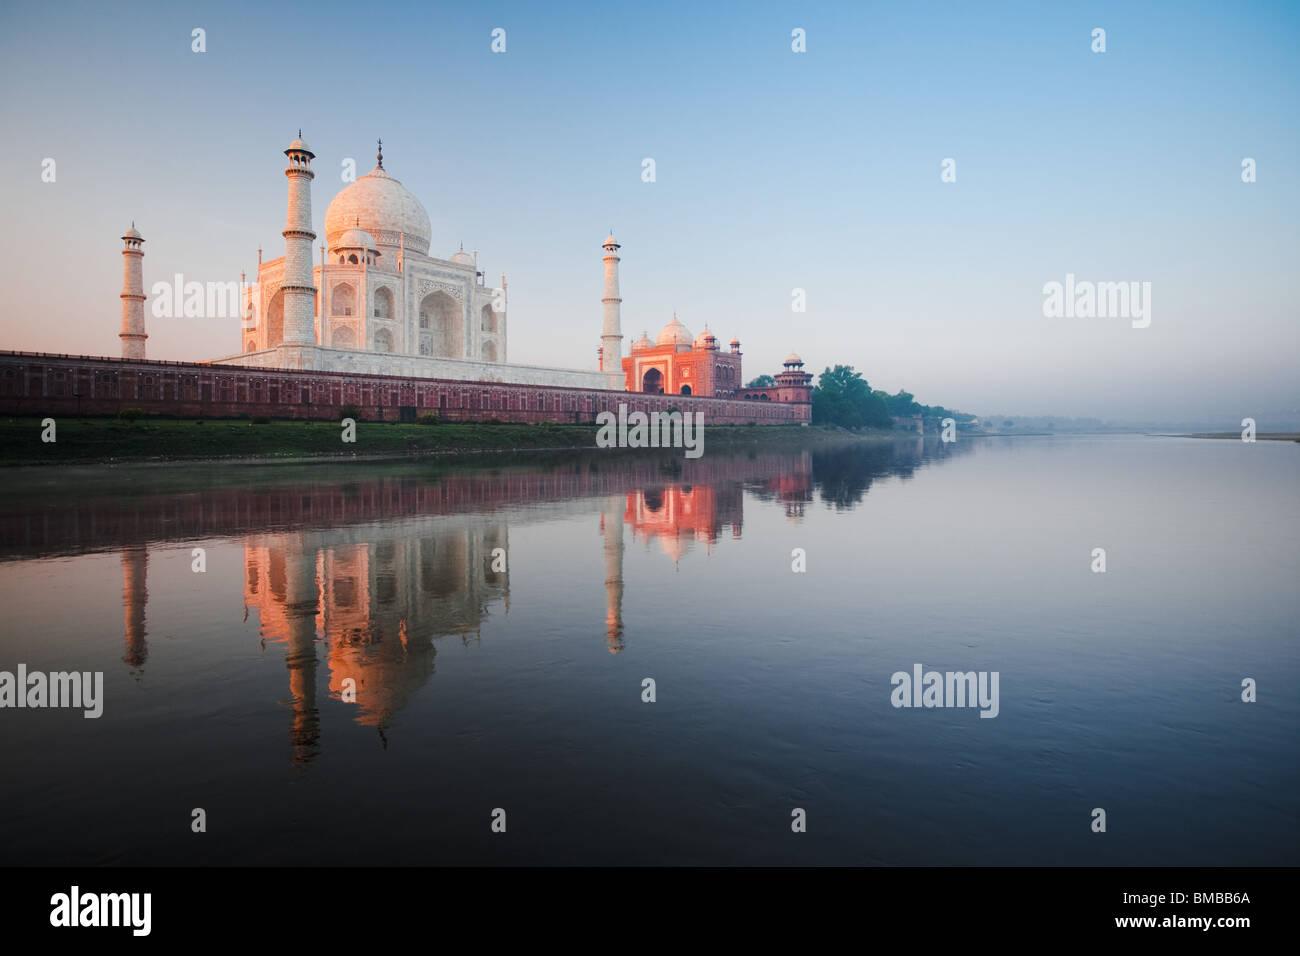 Das Taj Mahal leuchtet rot bei Tagesanbruch neben dem heiligen Fluss Jamuna. Stockbild